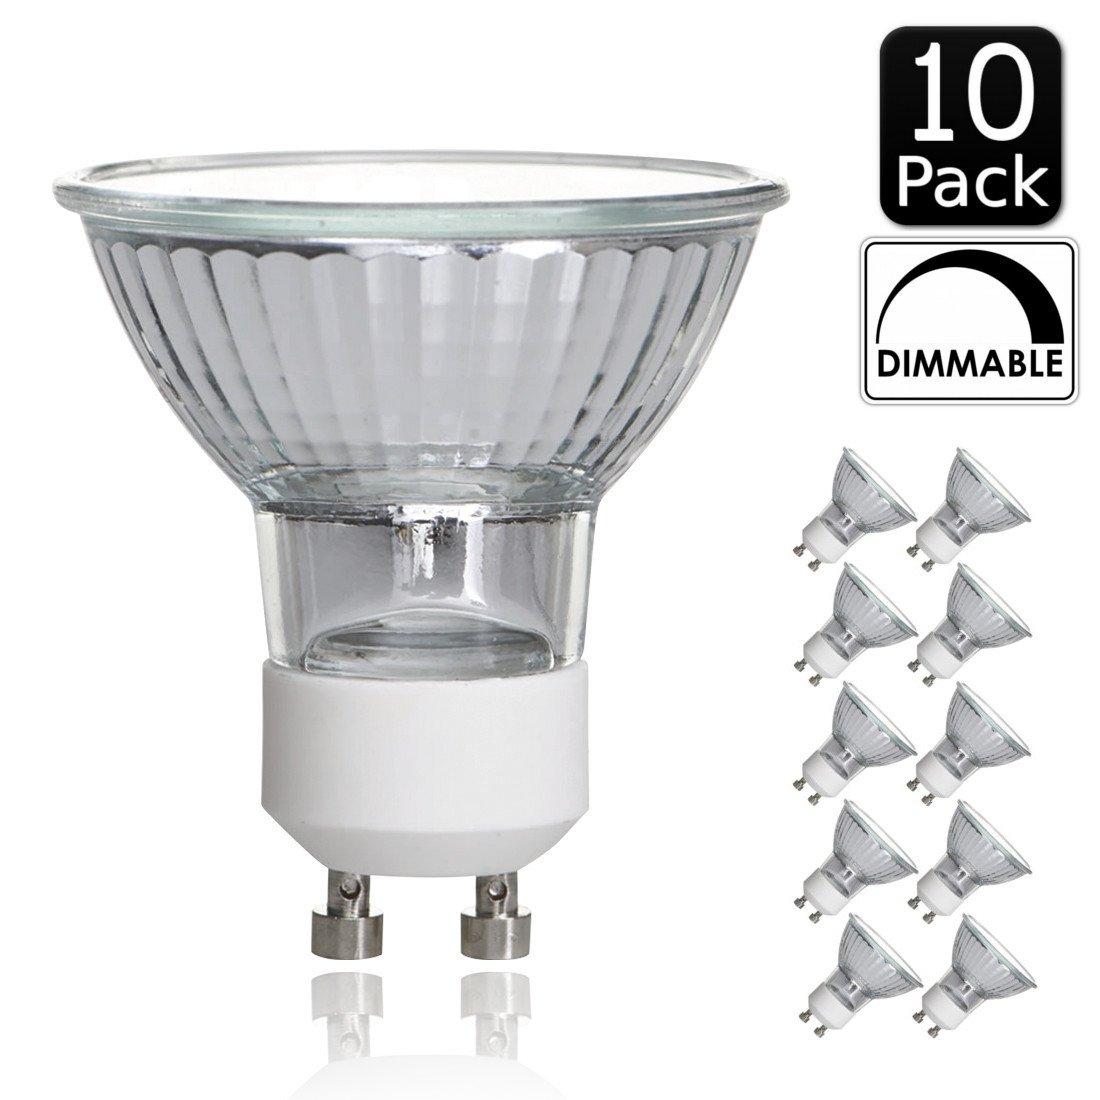 Luxrite LR20590 (10-Pack) 50W/GU10/120V 50-Watt MR16 Halogen Light Bulb, Glass Cover, Dimmable, 450 Lumens, GU10 base